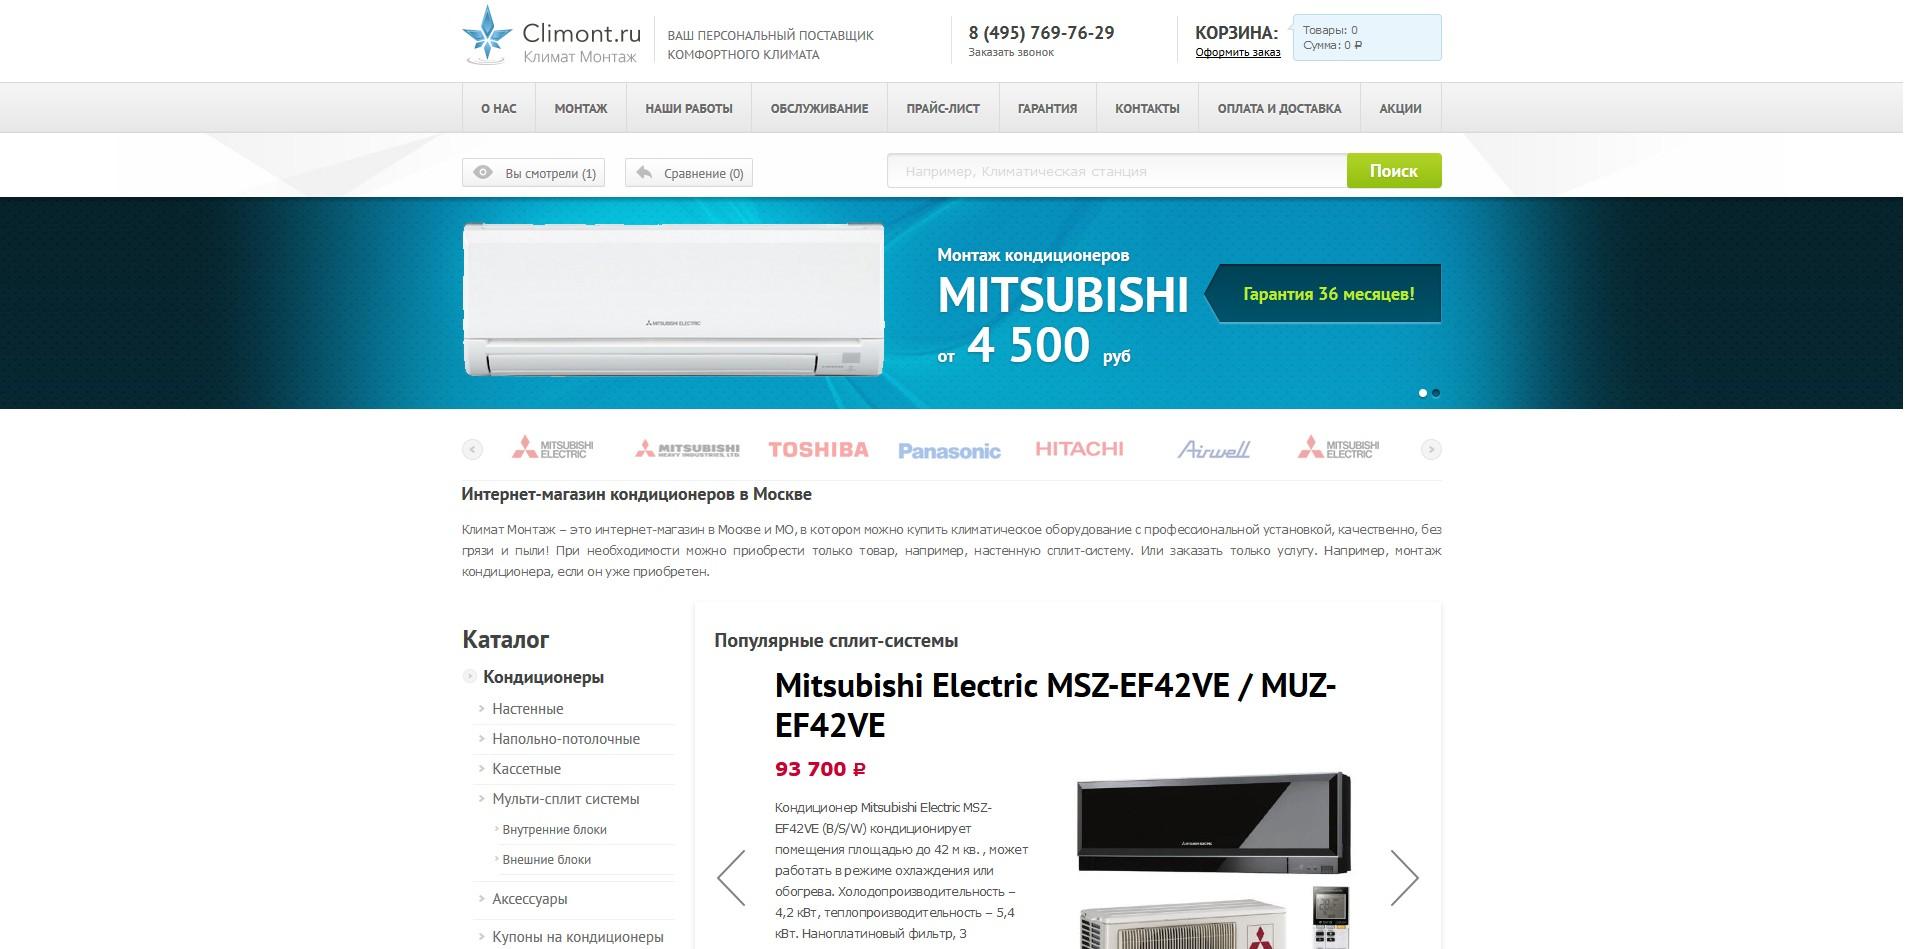 Скриншот: работа по созданию Интернет-магазина climont.ru